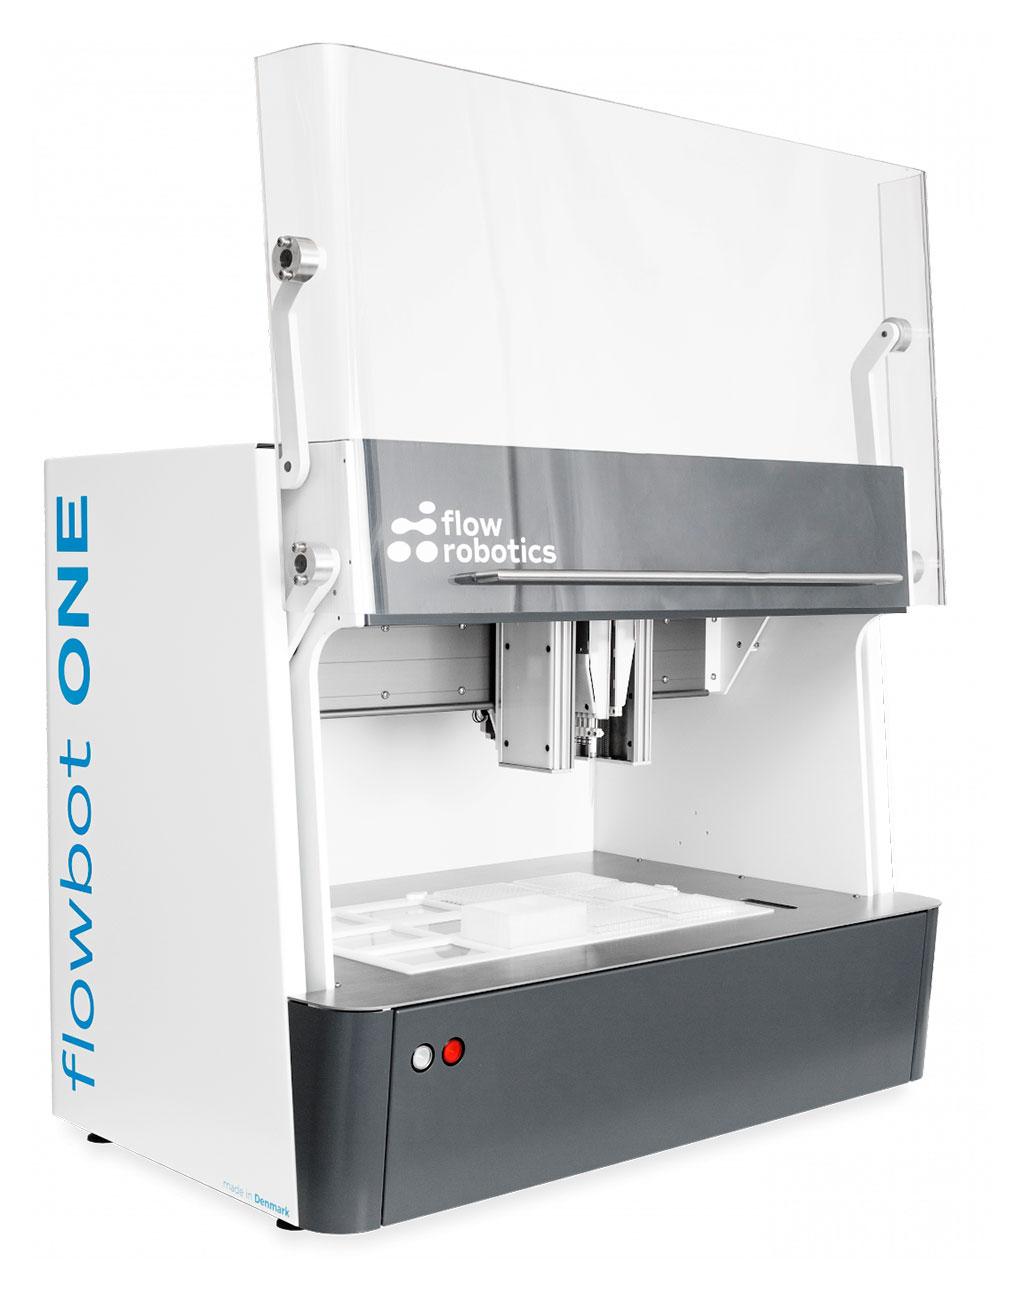 Image: Flowbot ONE (Photo courtesy of Flow Robotics)